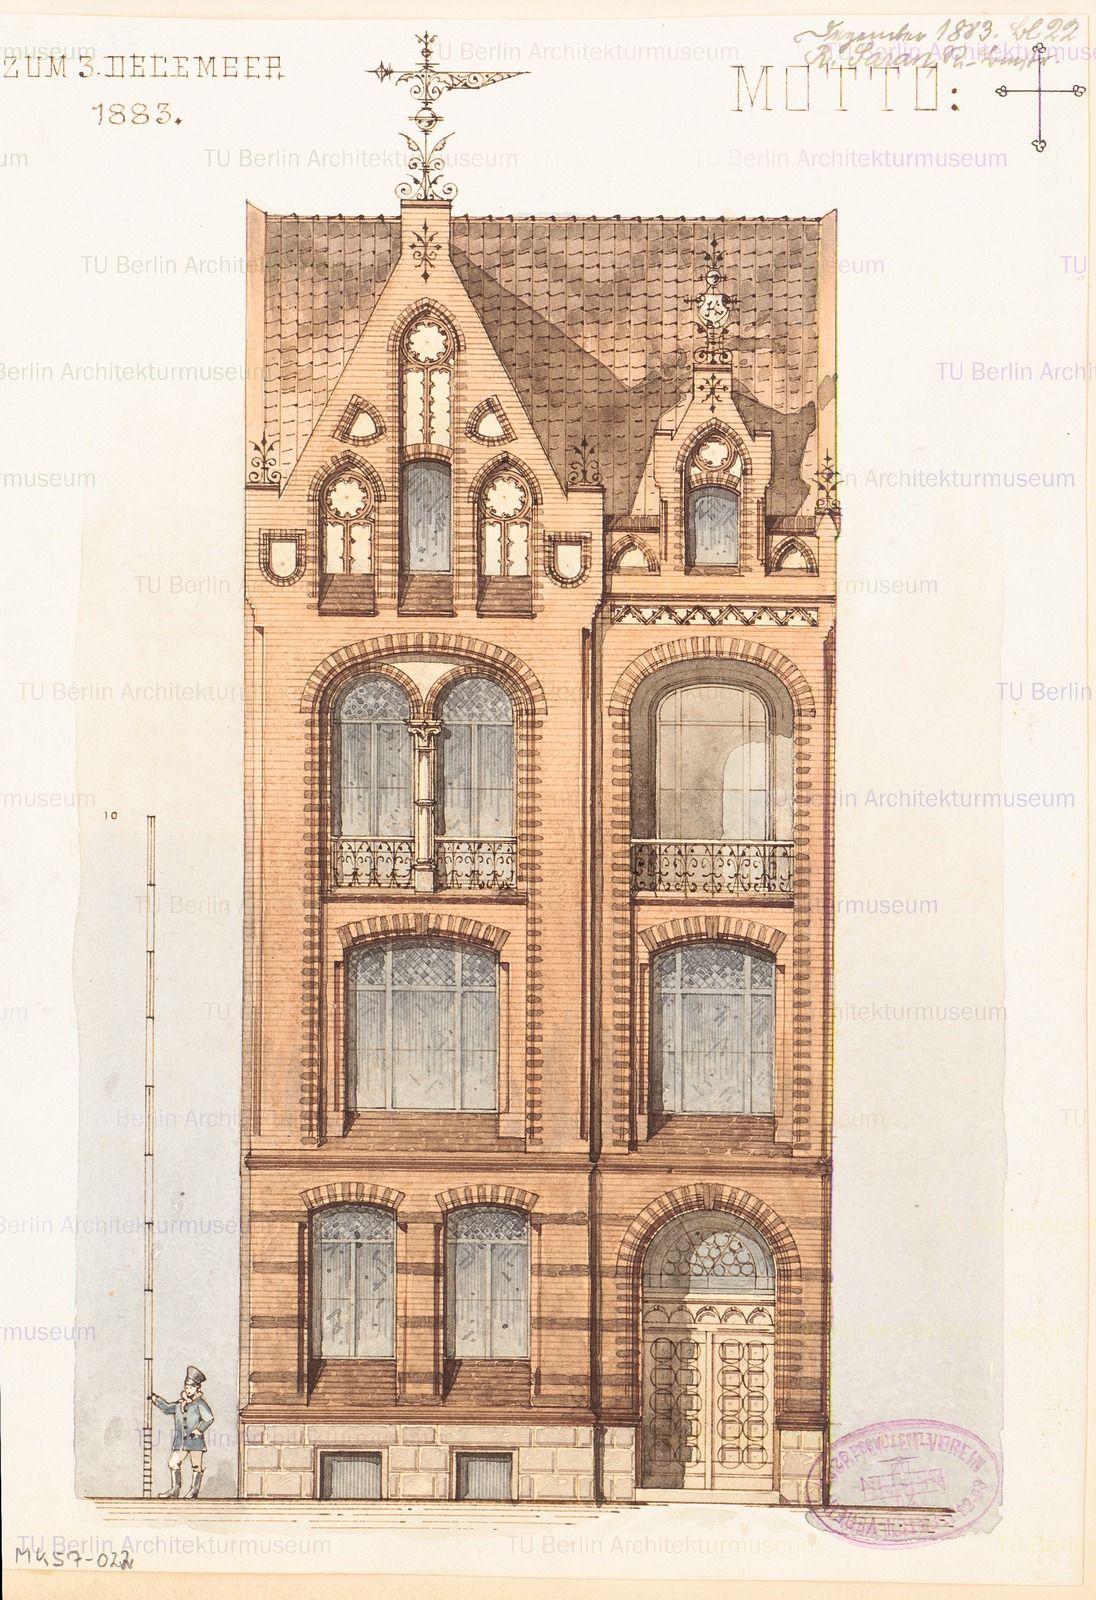 Stadtisches Wohnhaus Monatskonkurrenz Dezember 1883 Architekturzeichnung Alte Architektur Barocke Architektur